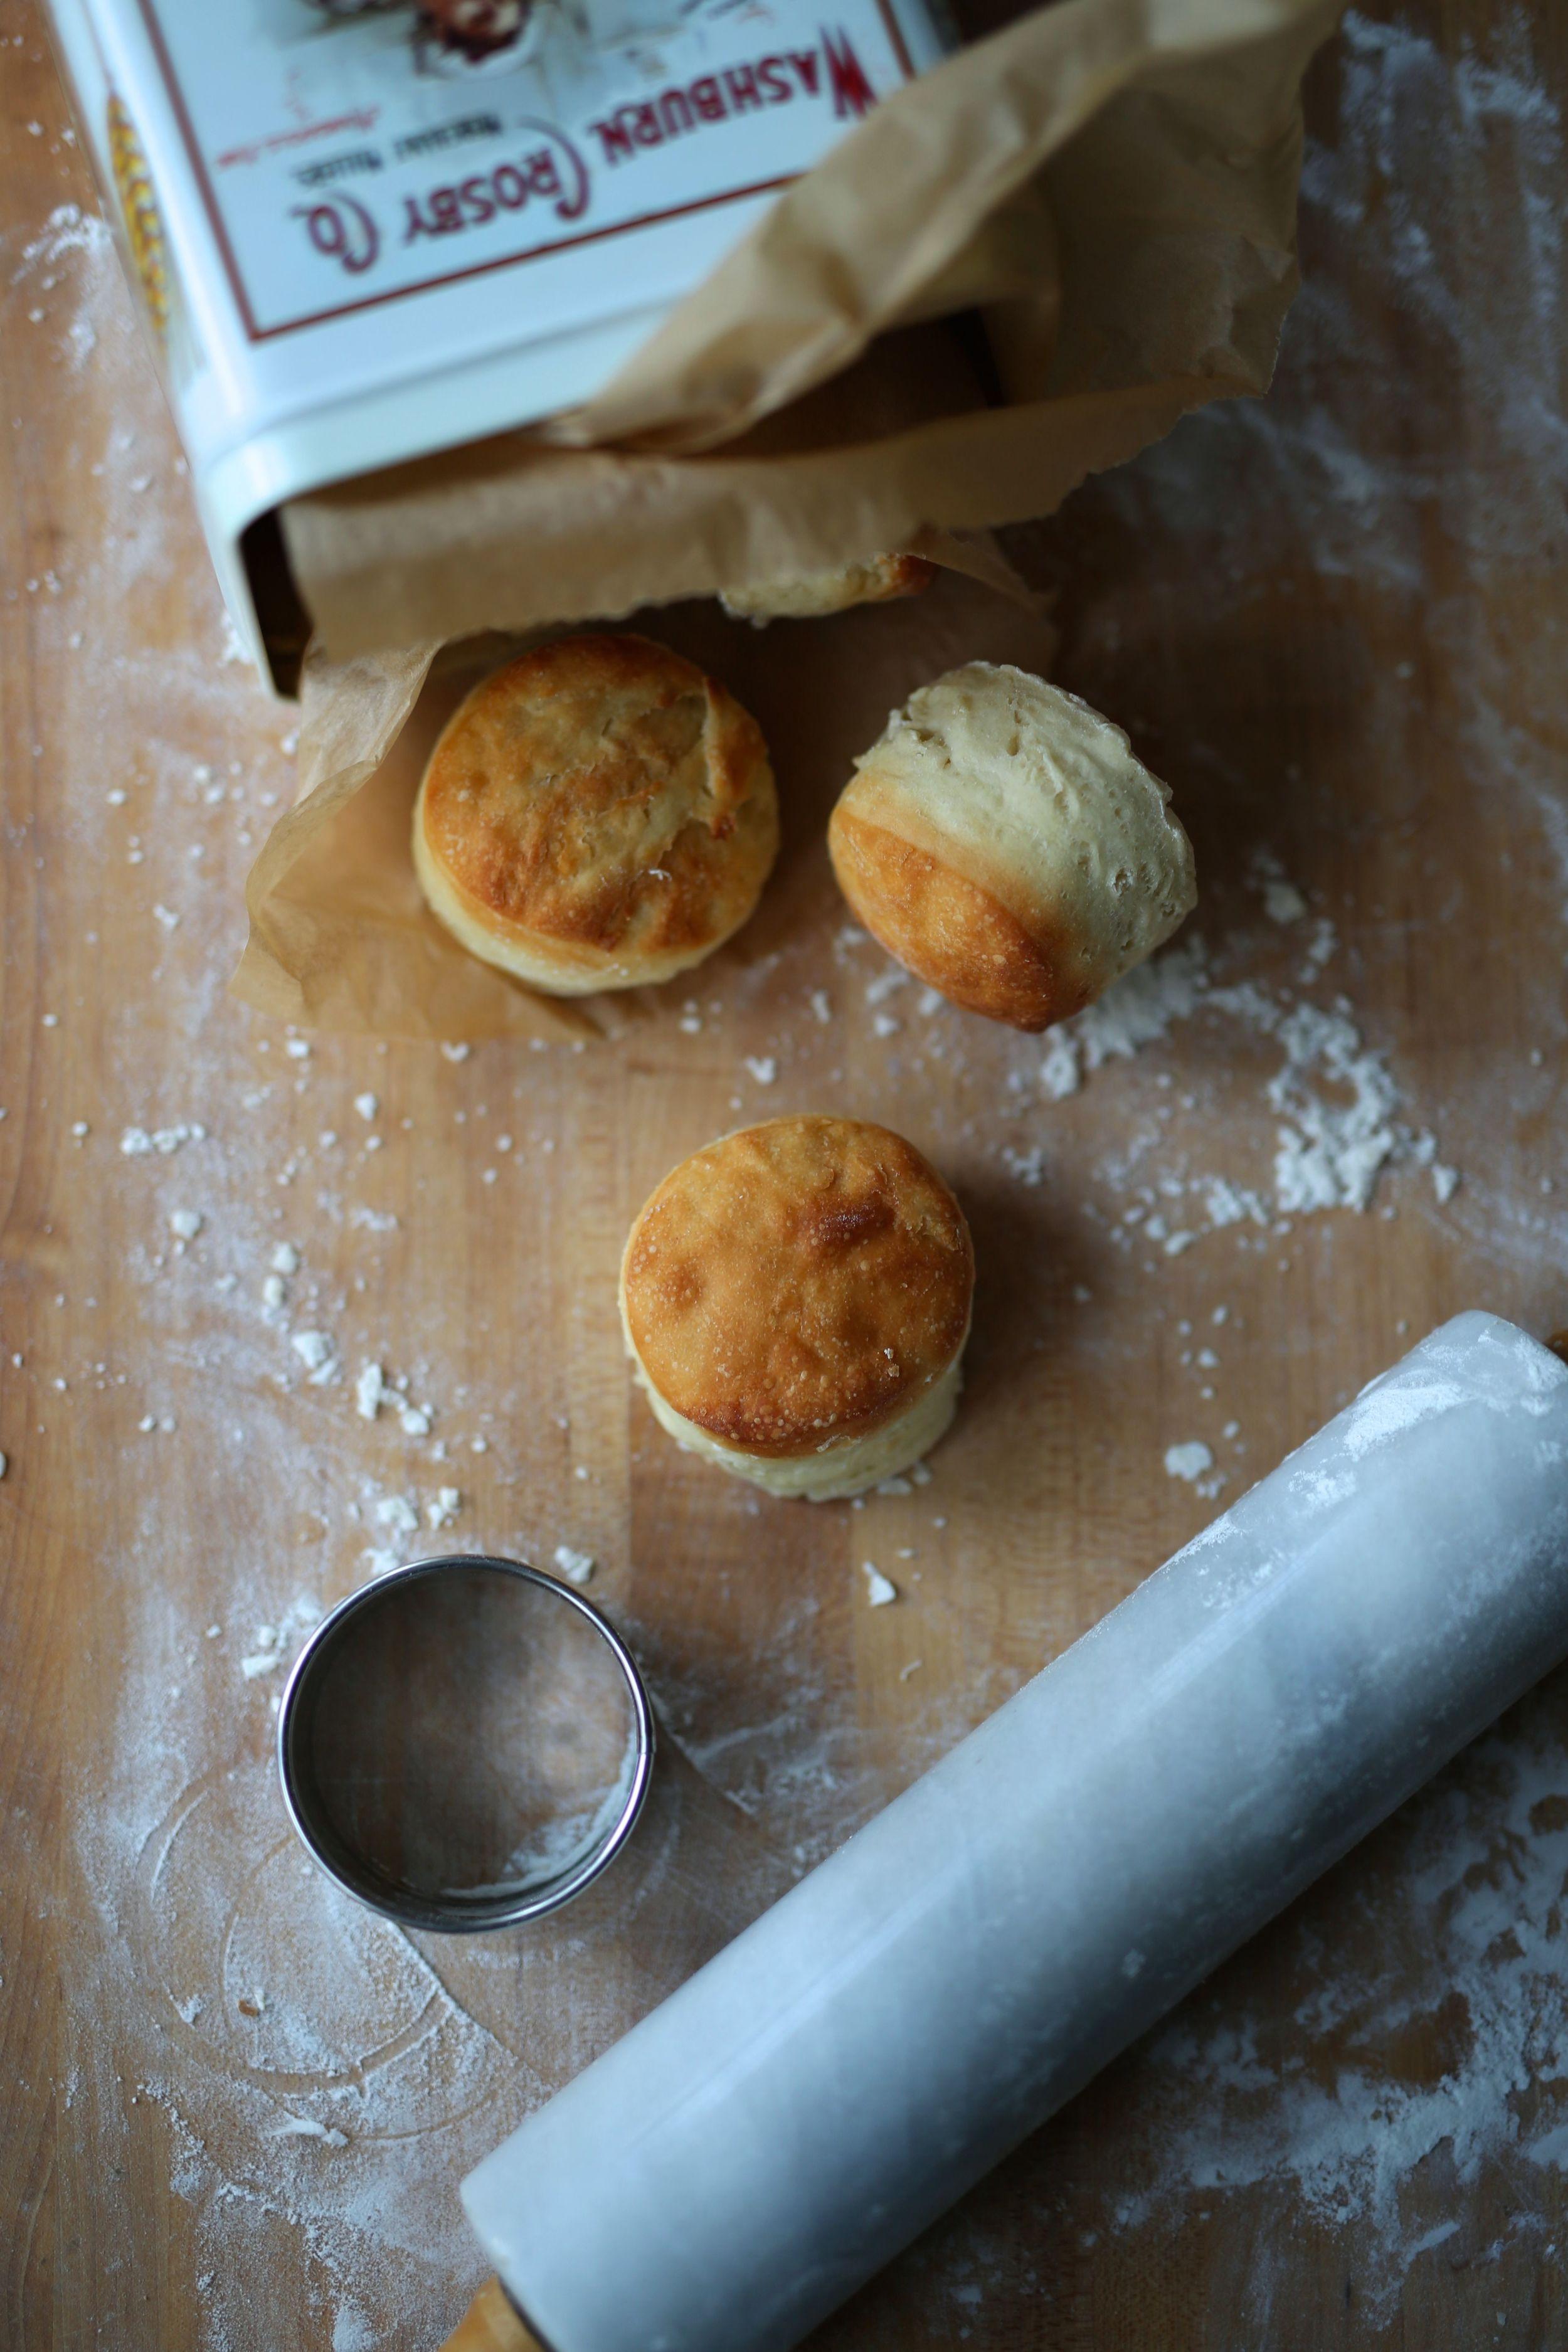 easie's rolls